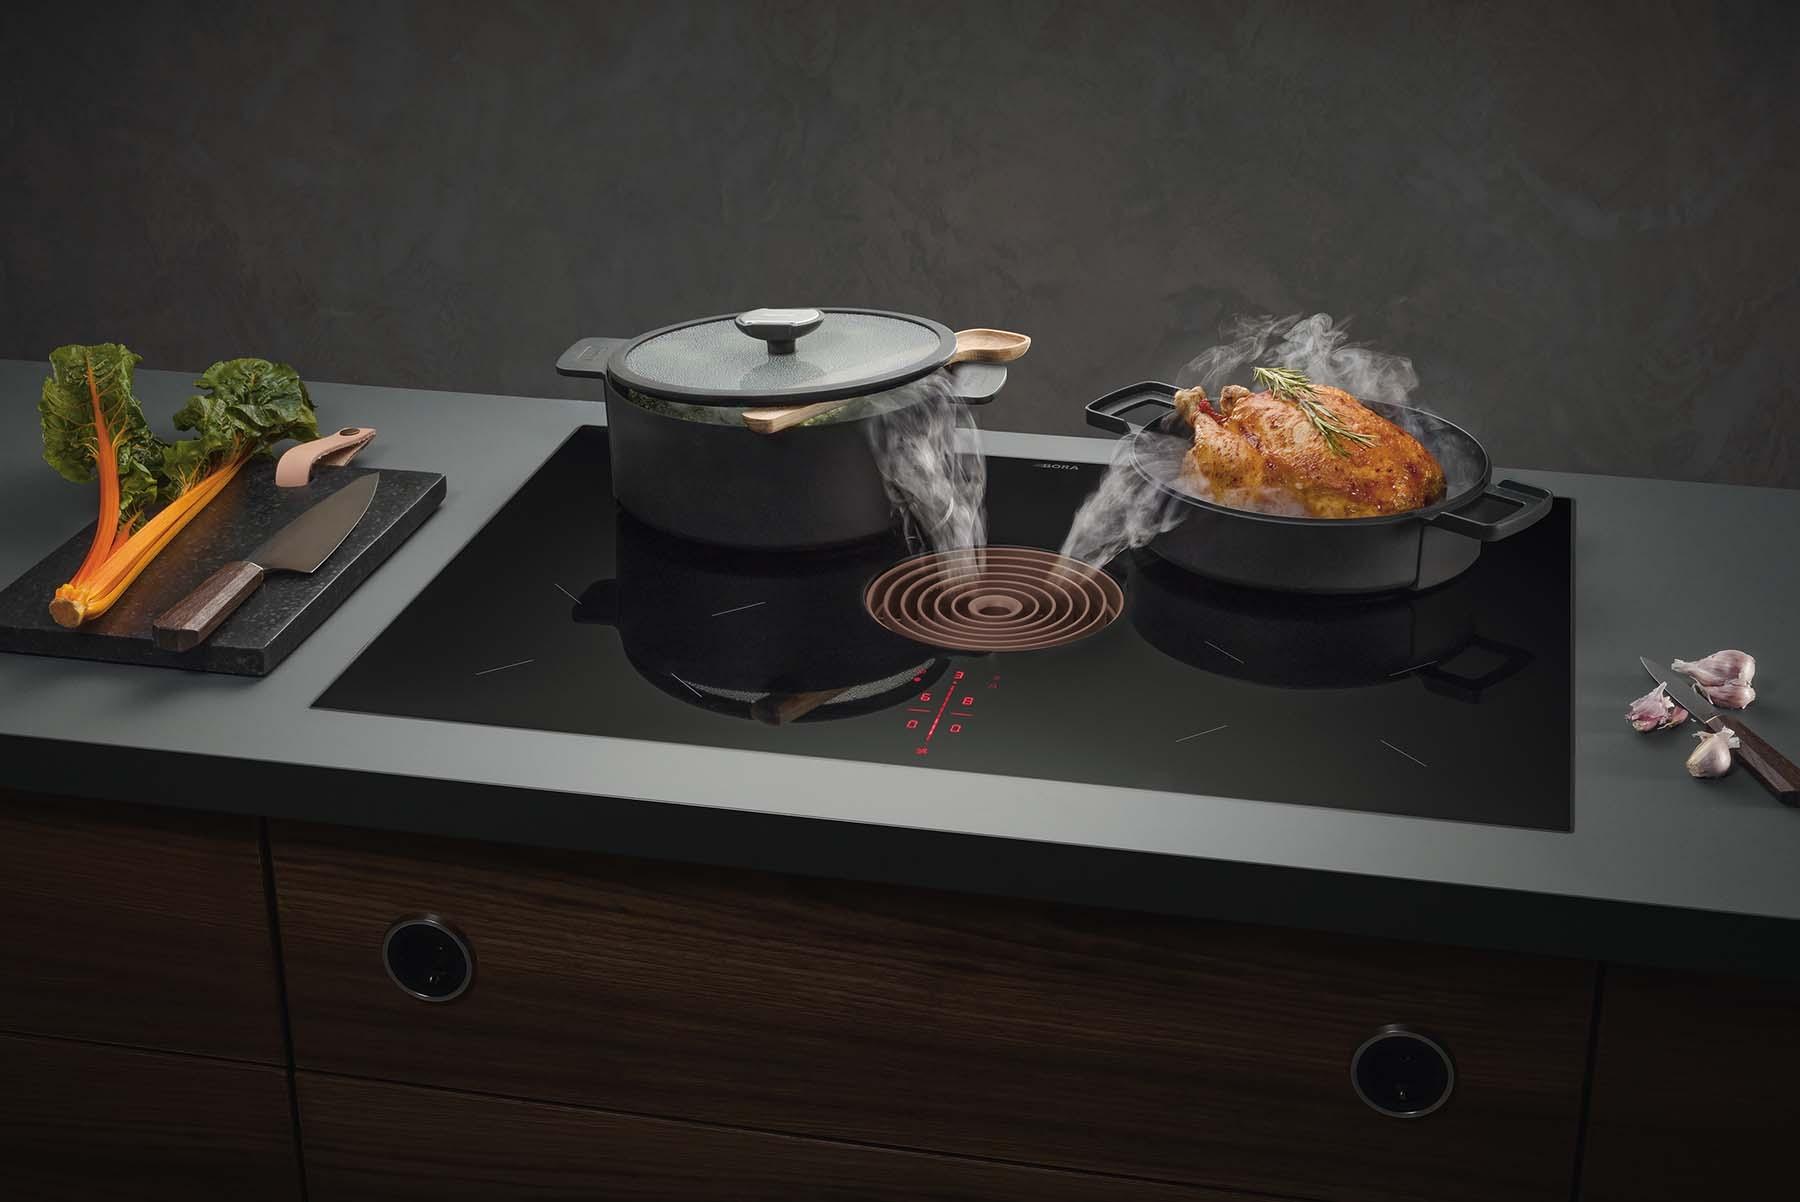 Una cocina sin ruido, olores ni obstáculos visuales con BORA.